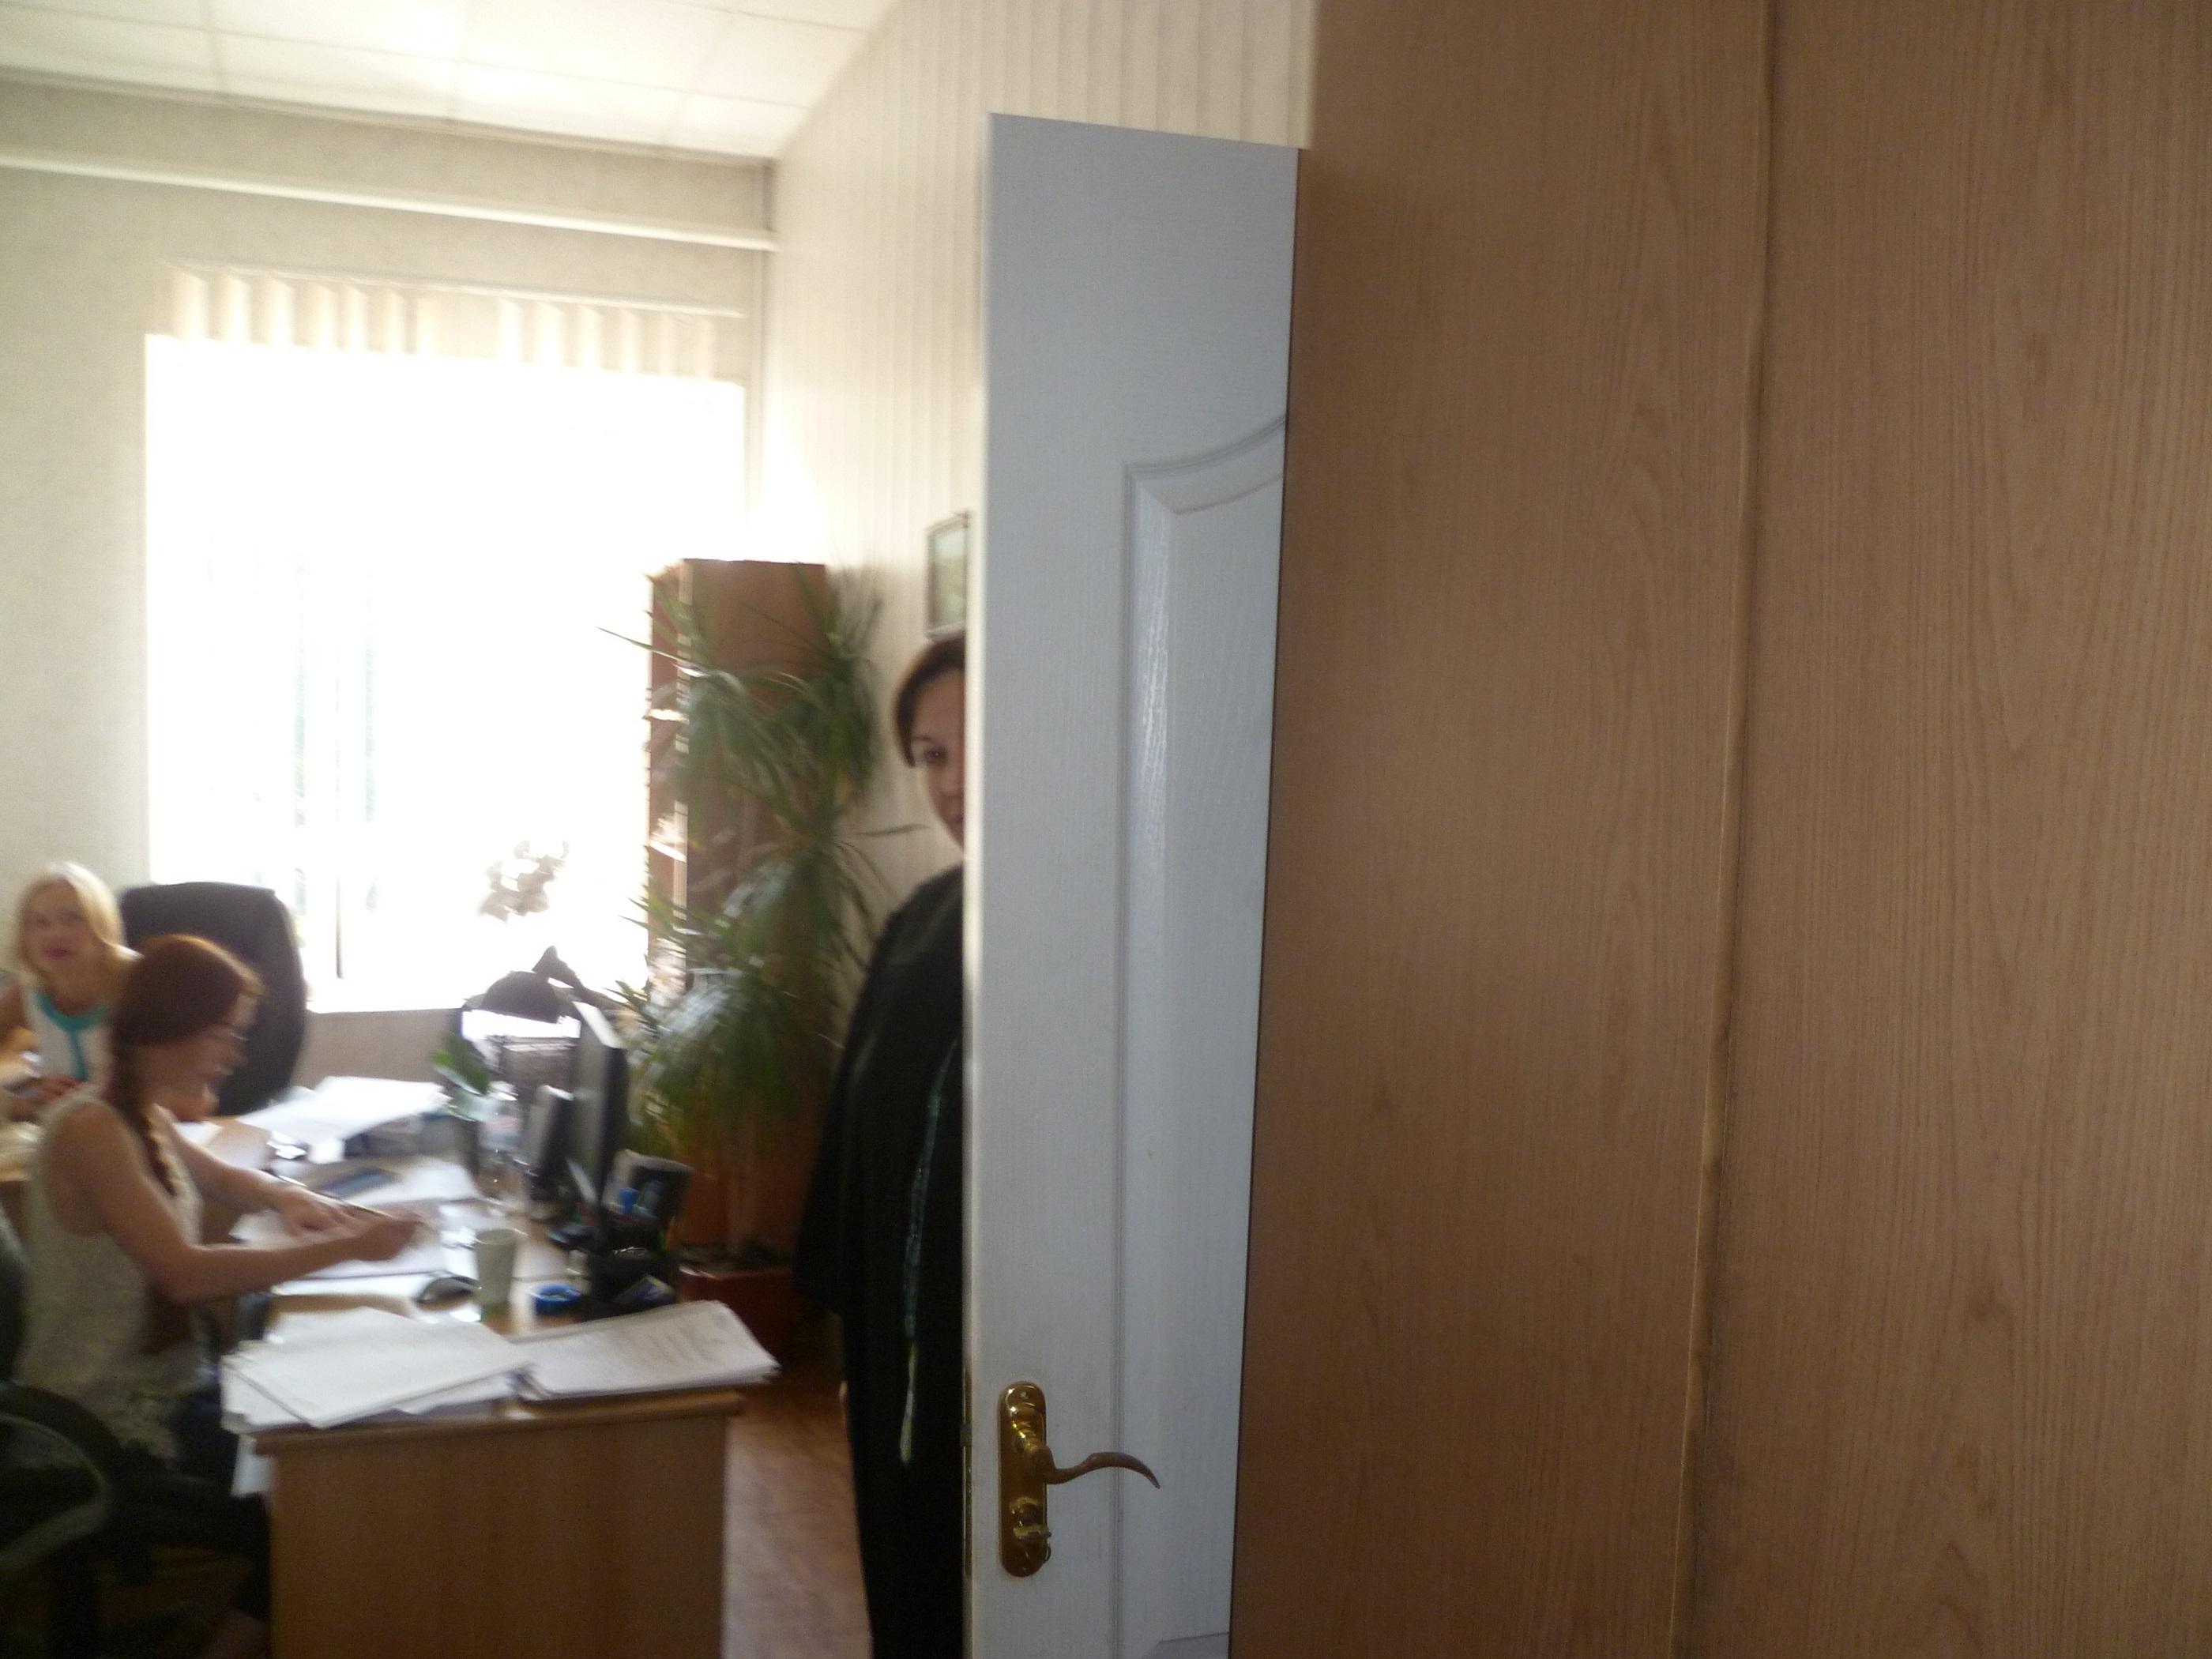 Судья Лобарчук прячется за дверью